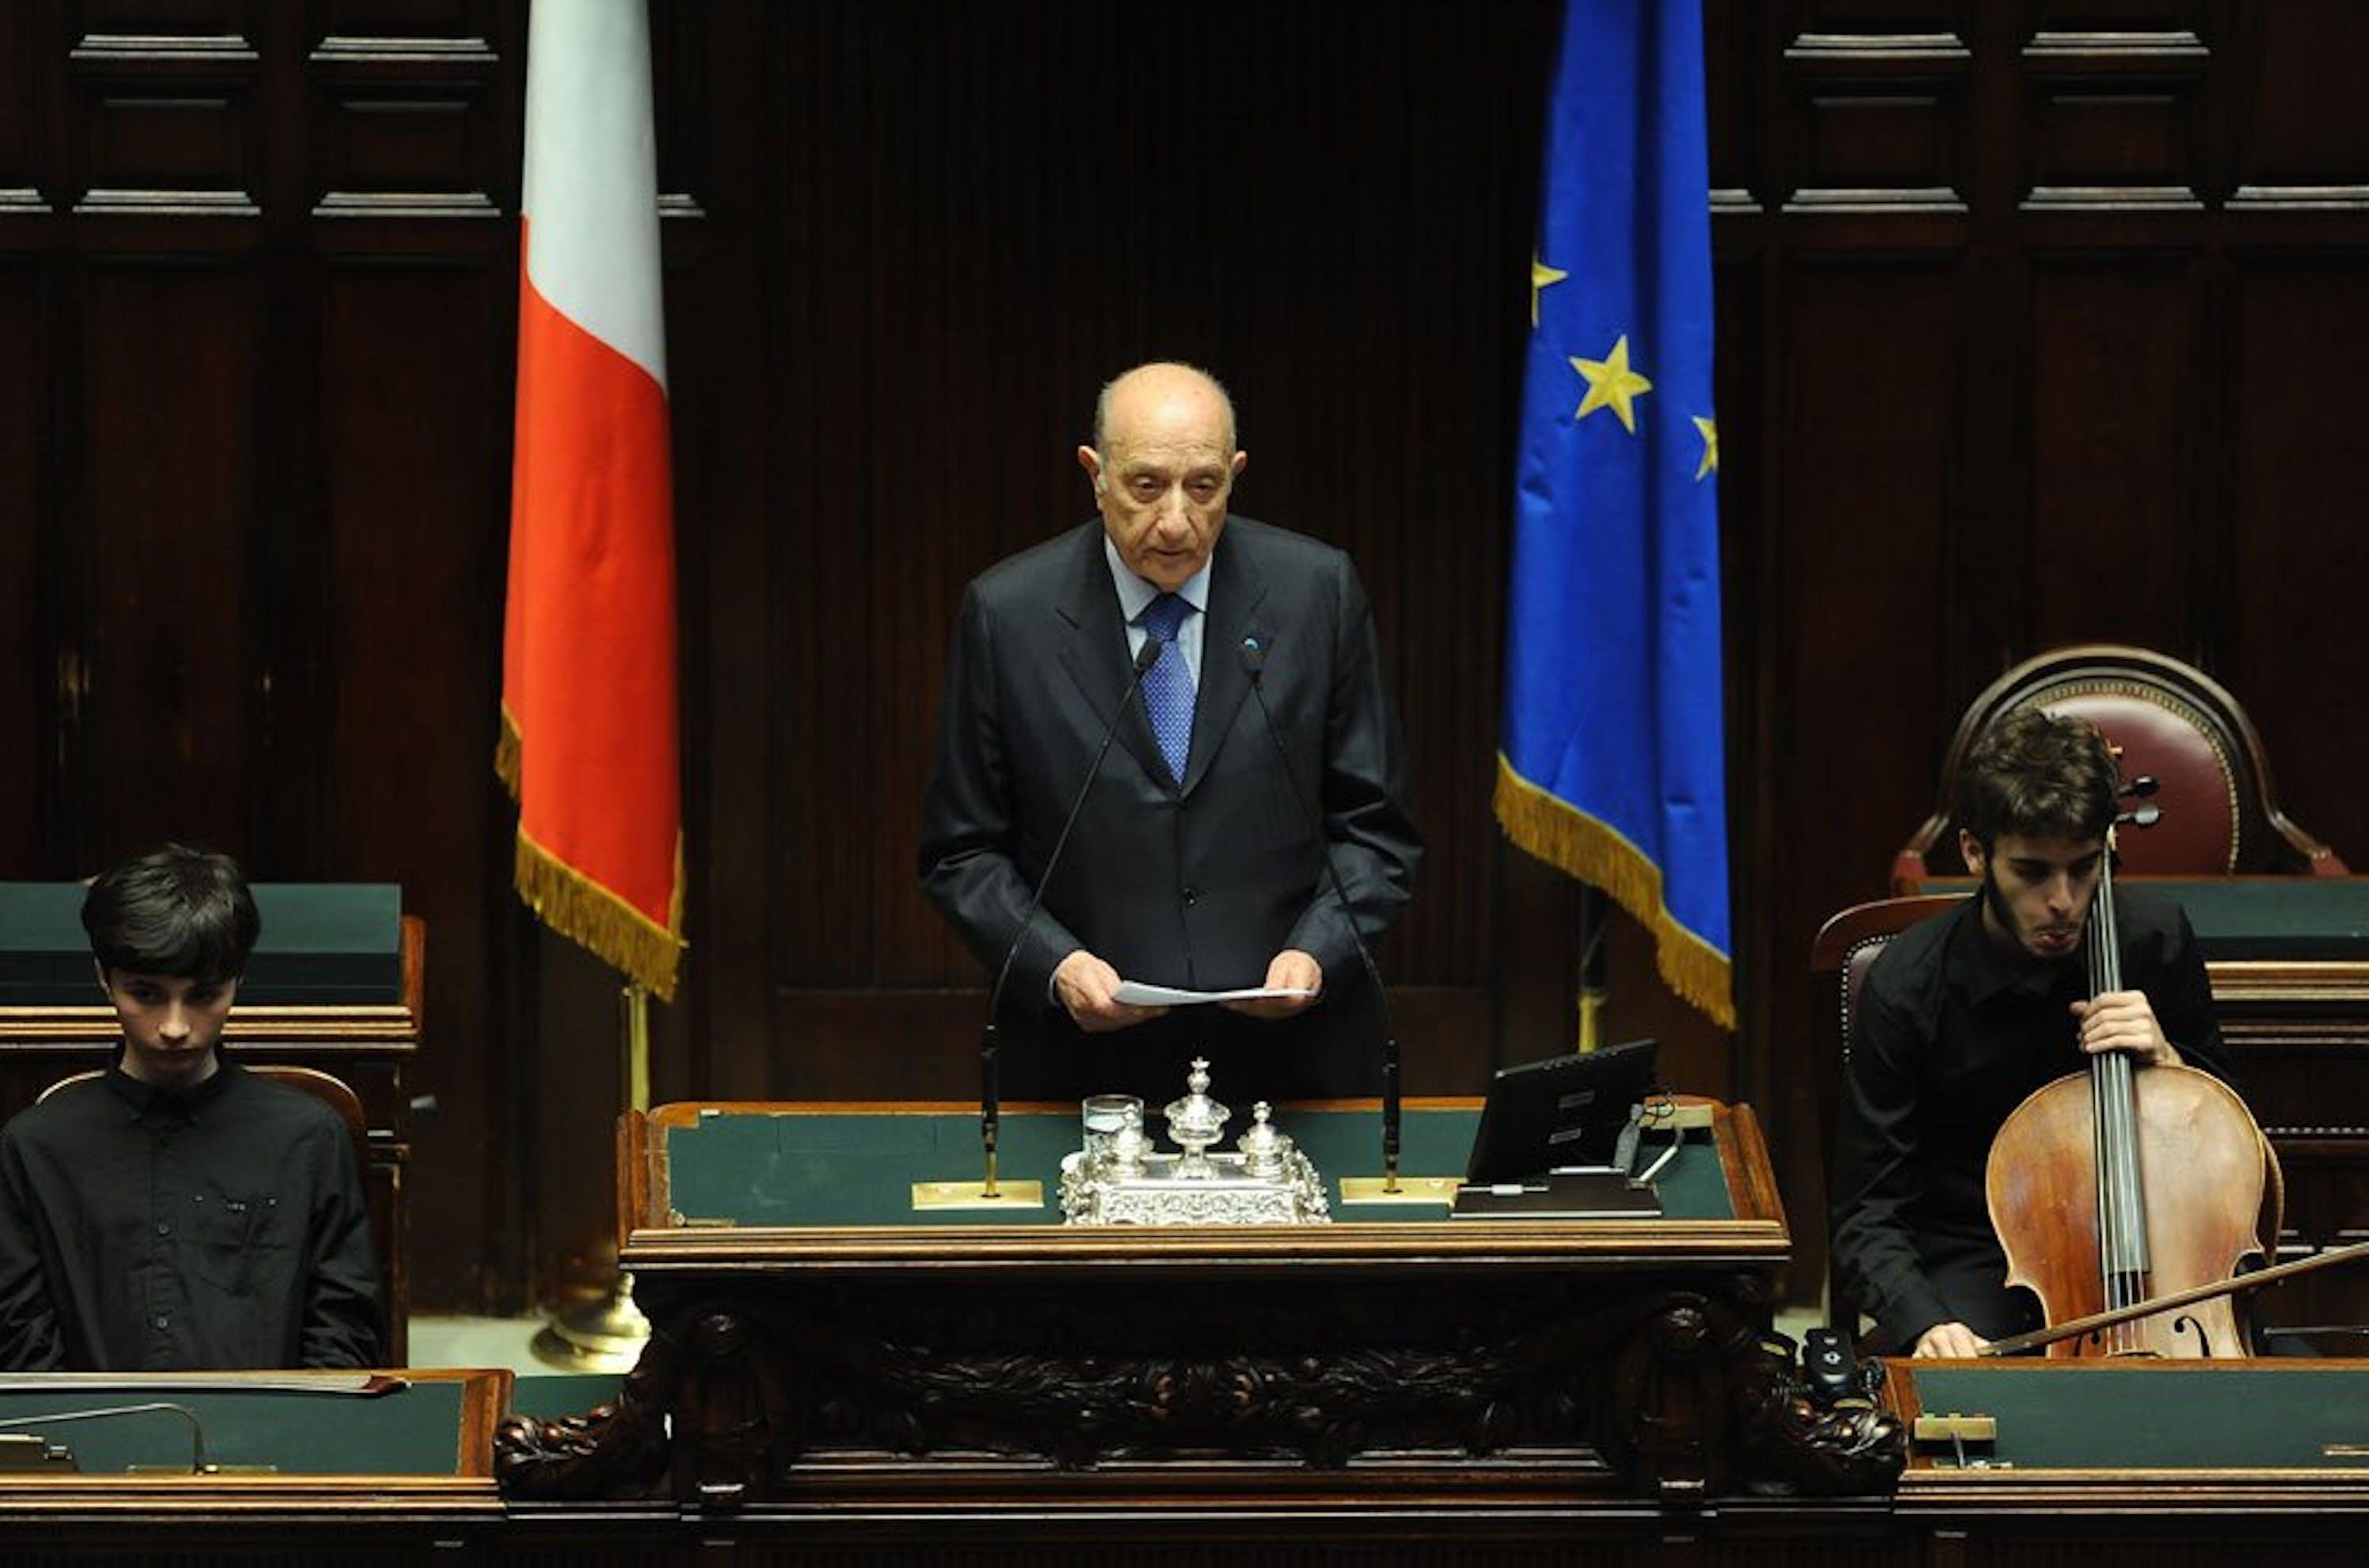 Il Presidente dell'UNICEF Italia Francesco Samengo durante la seduta alla Camera dei Deputati.